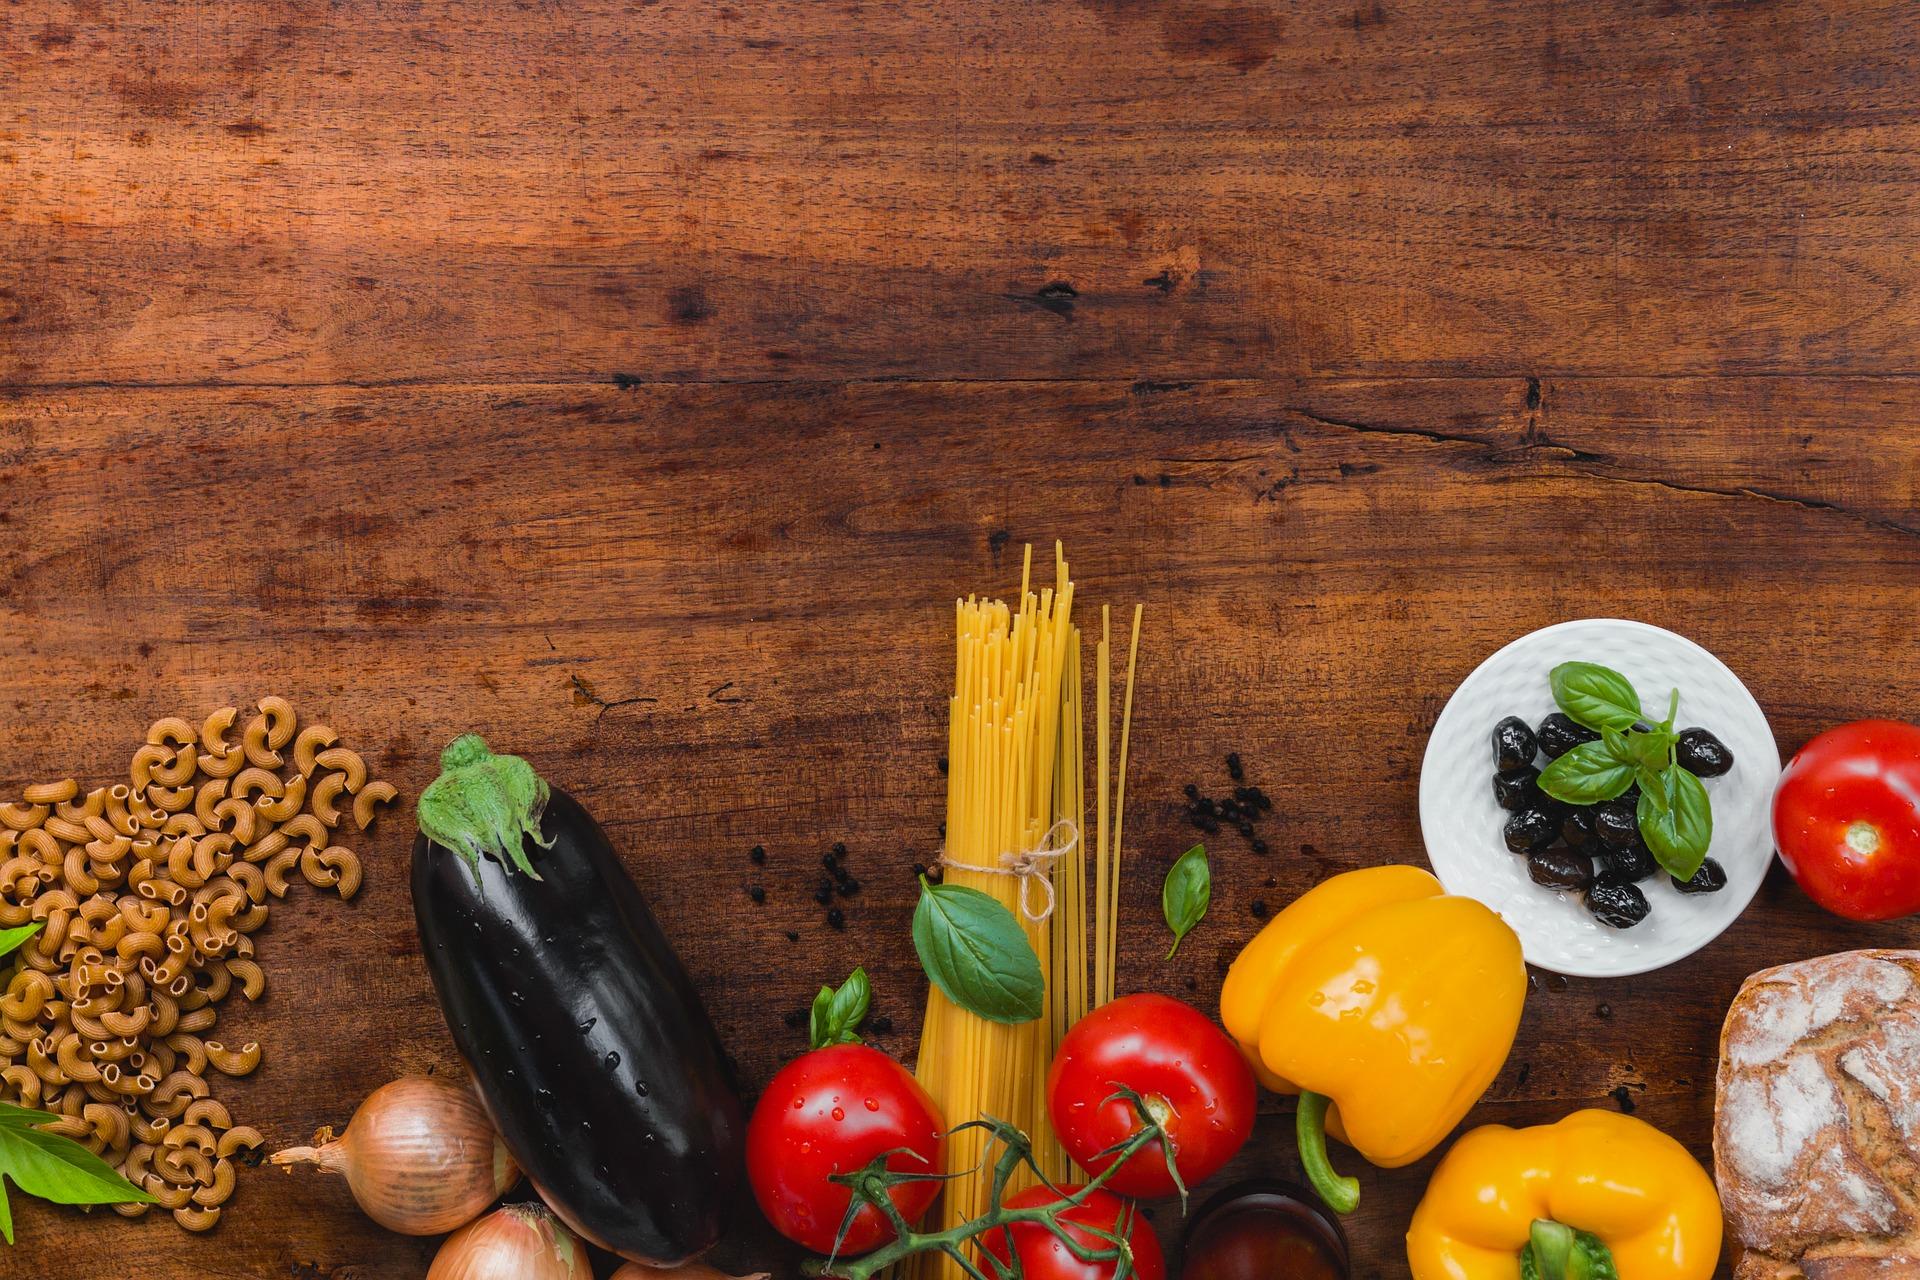 alimentation-durable-impact-environnement